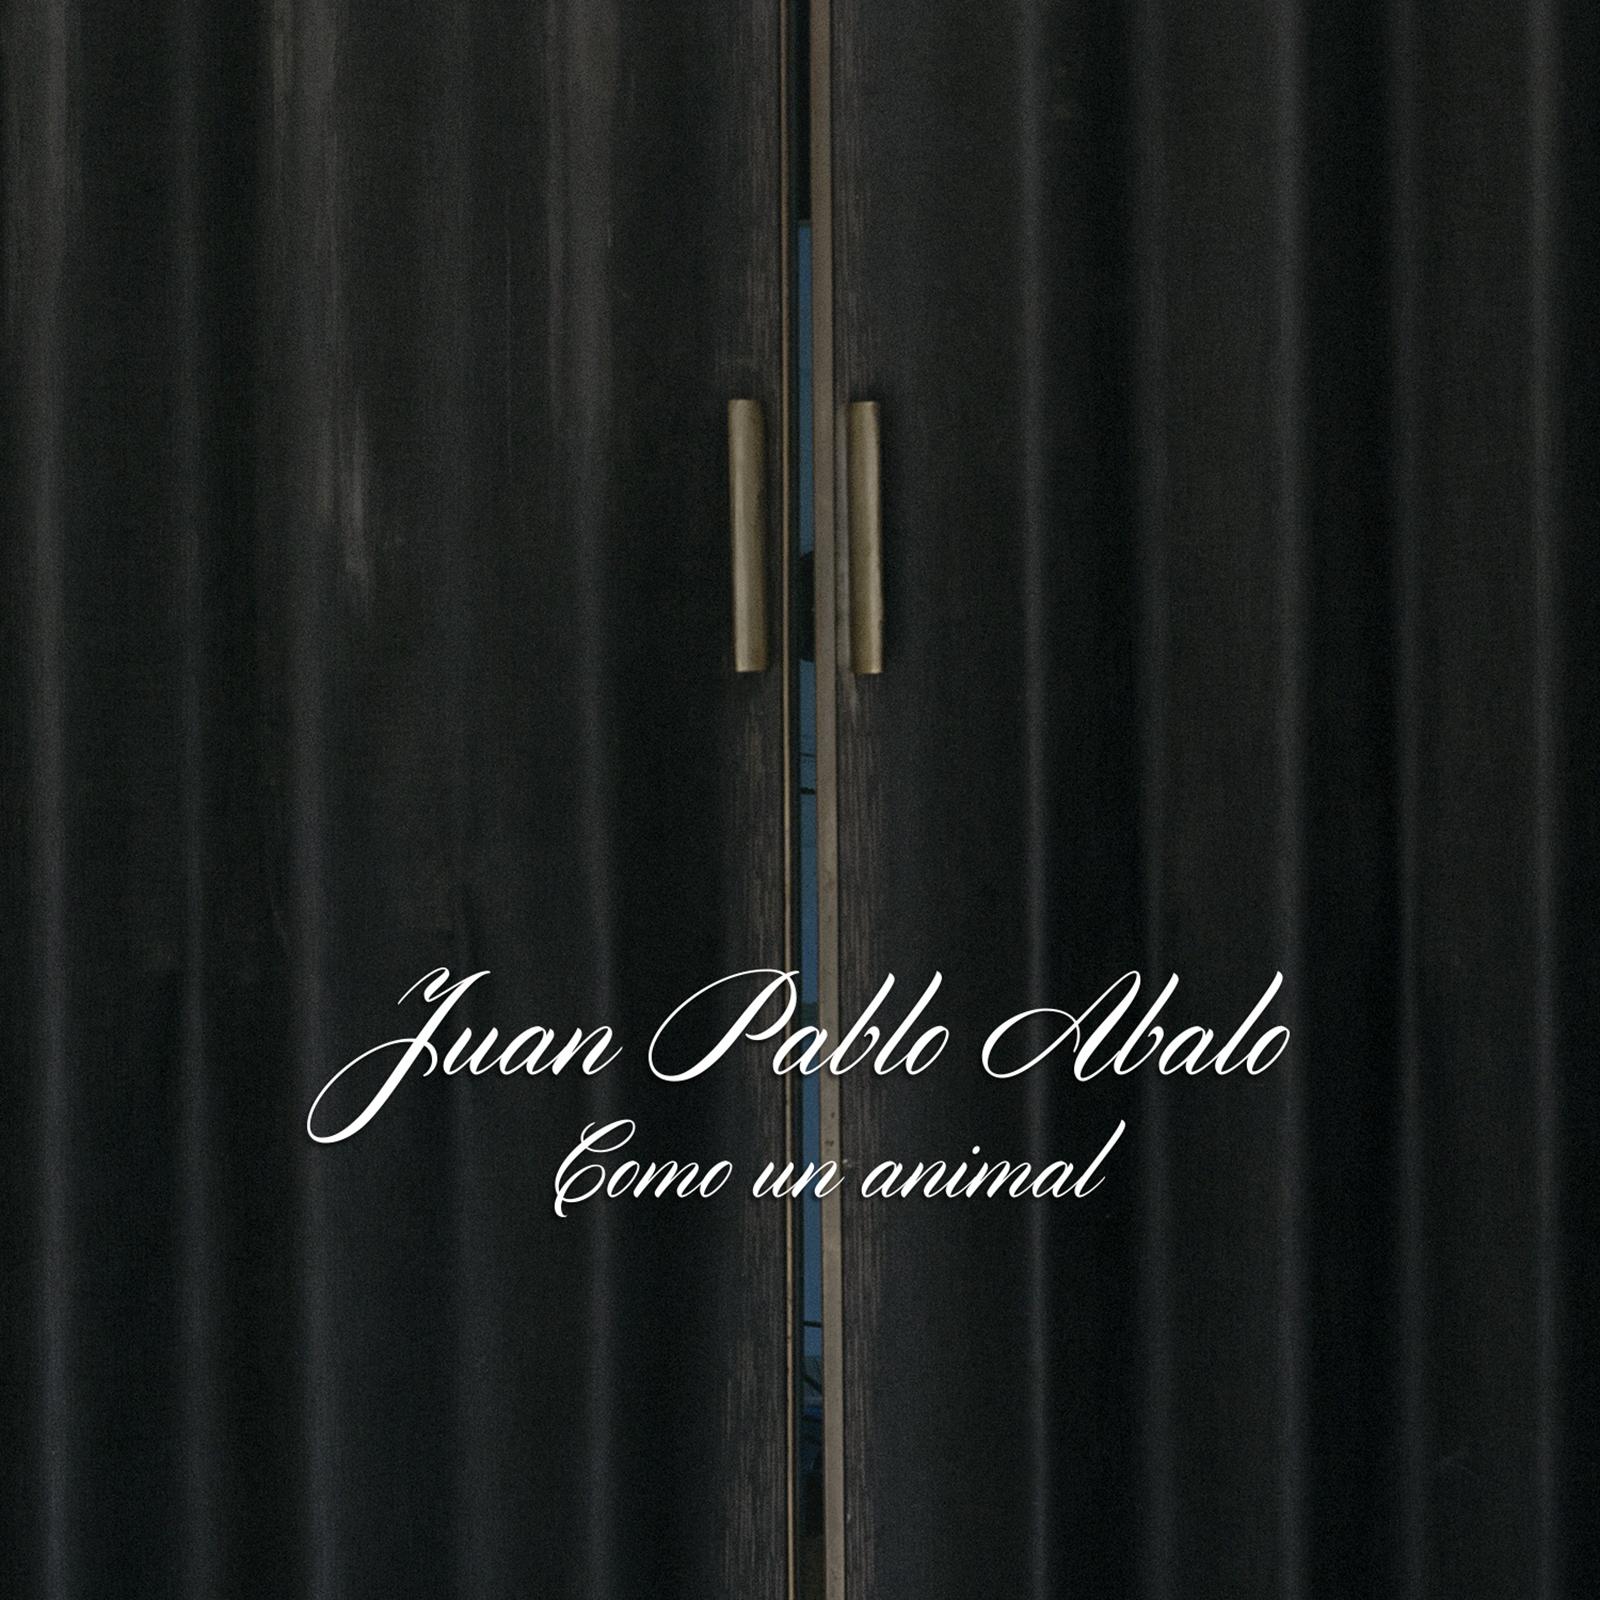 Juan Pablo Abalo «Como un animal» (2014)